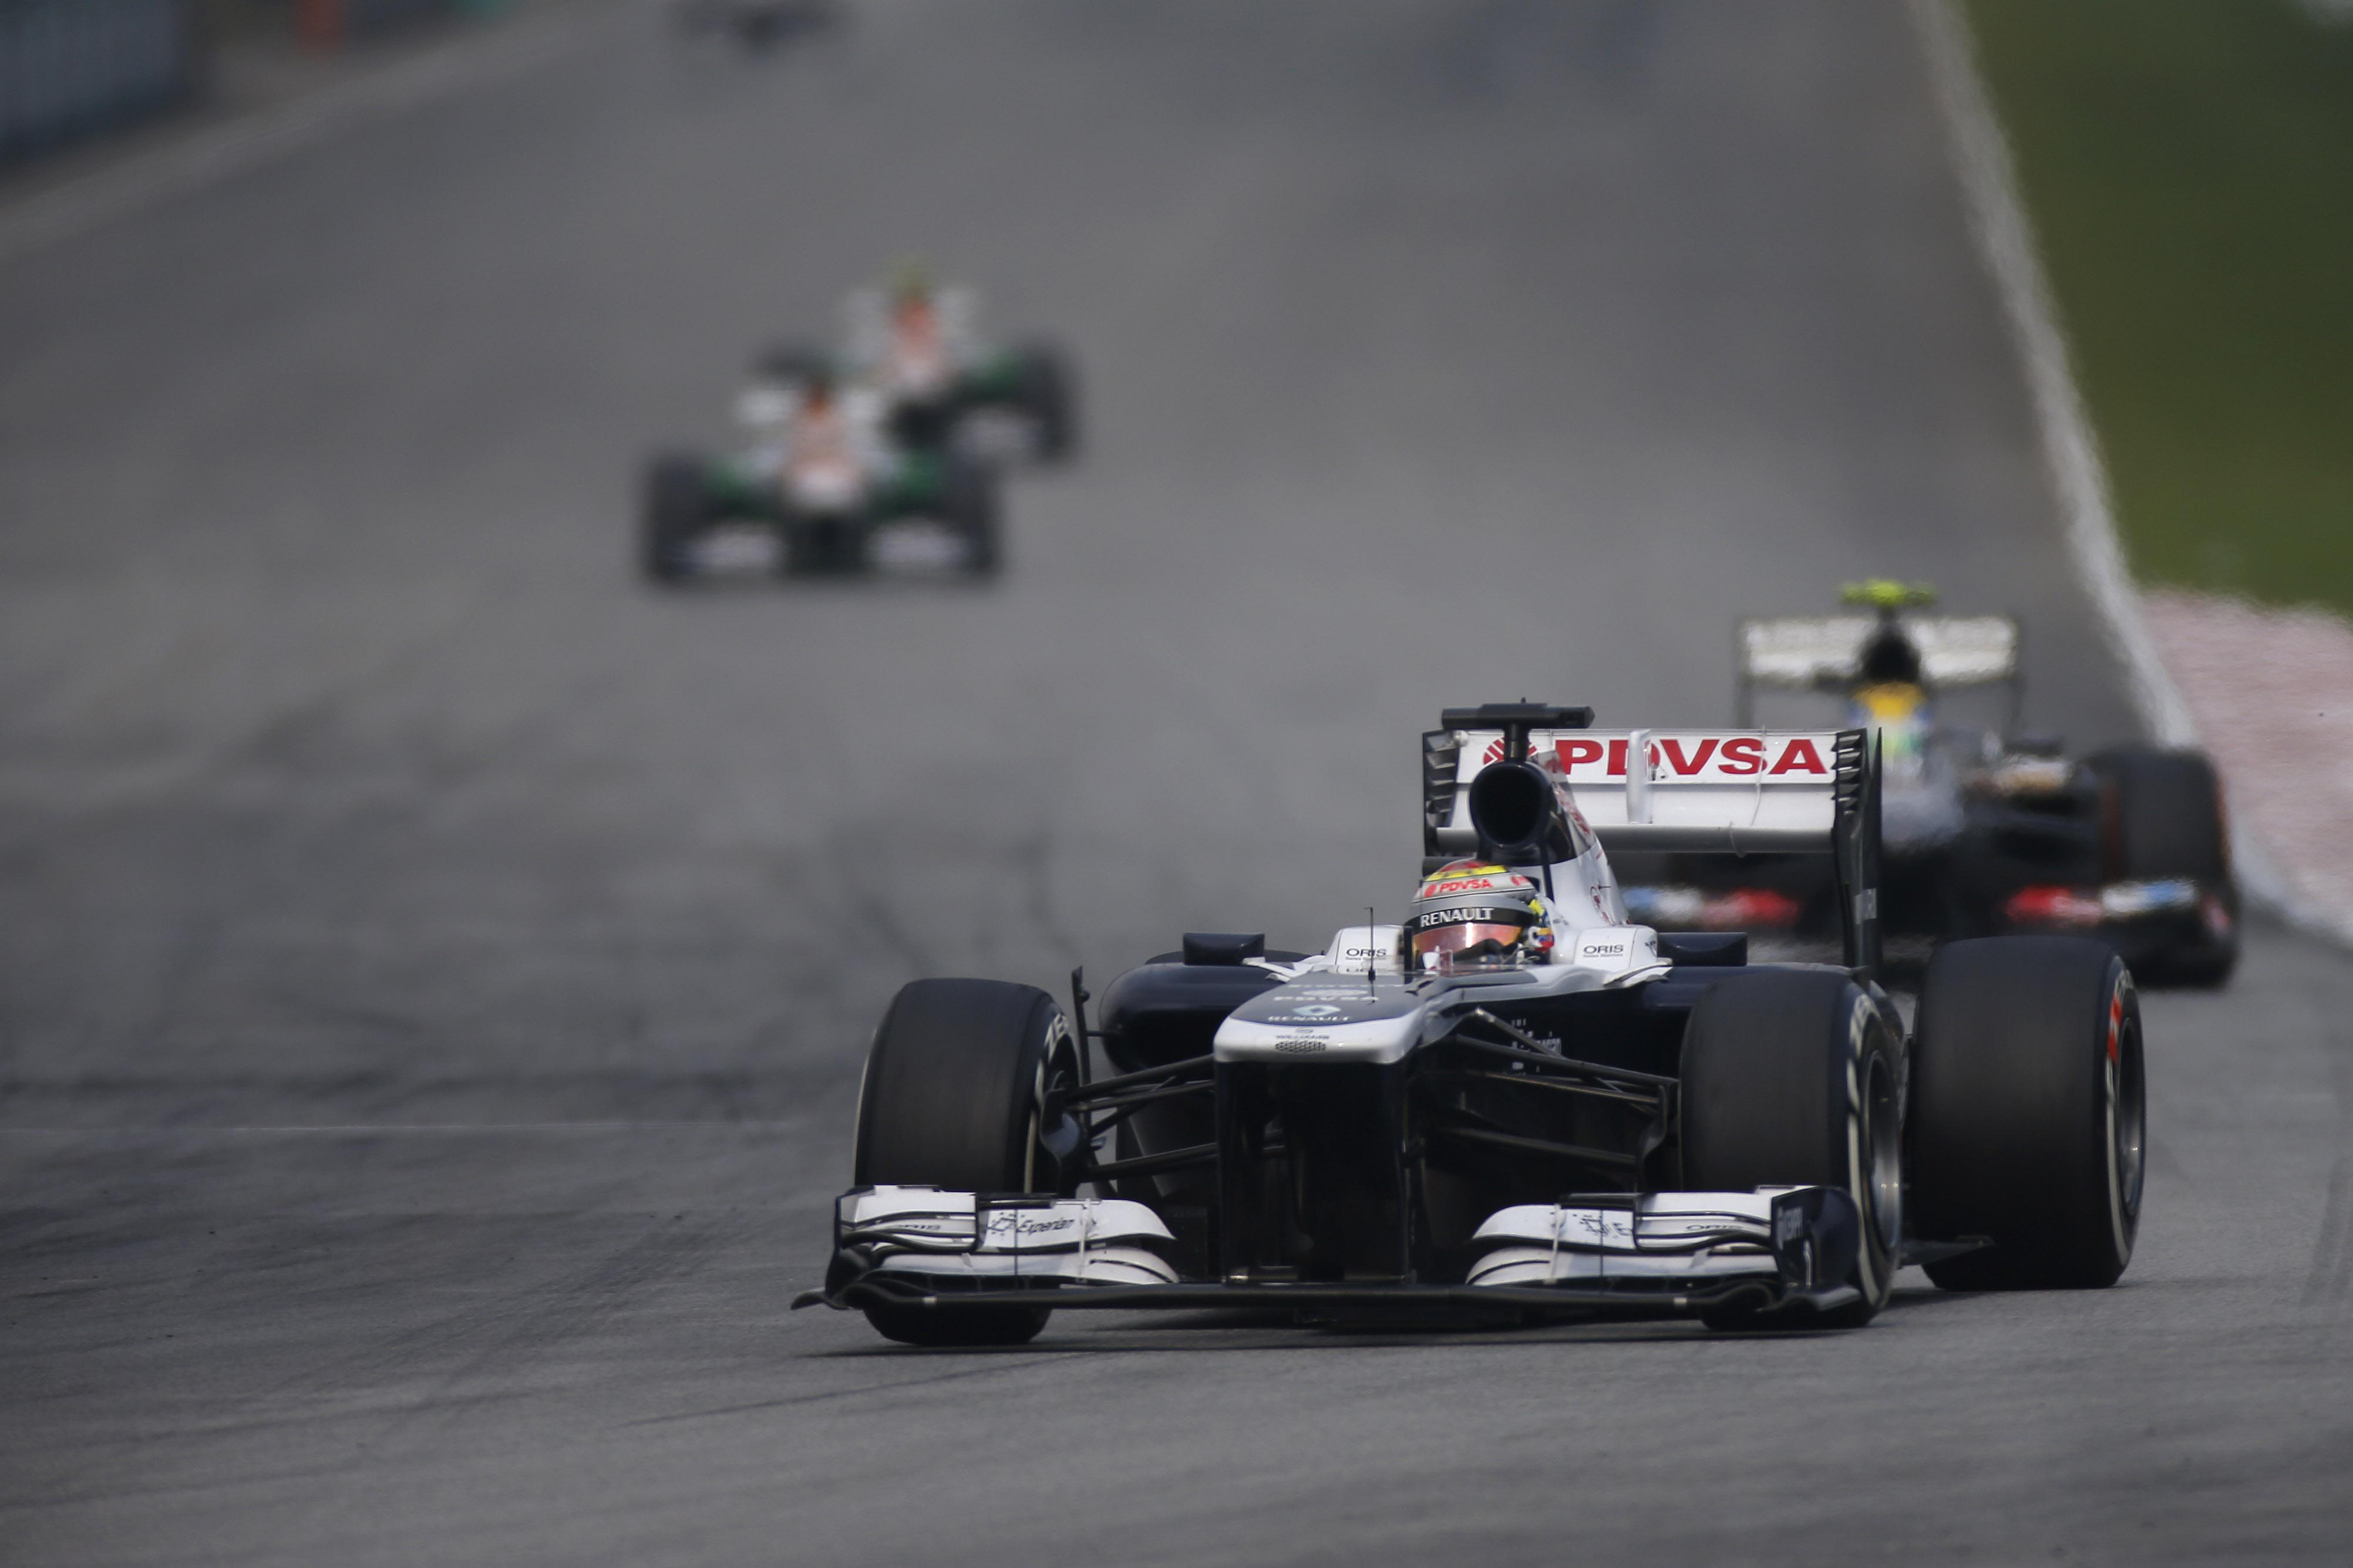 Avería impidió que Maldonado culminará carrera en Malasia